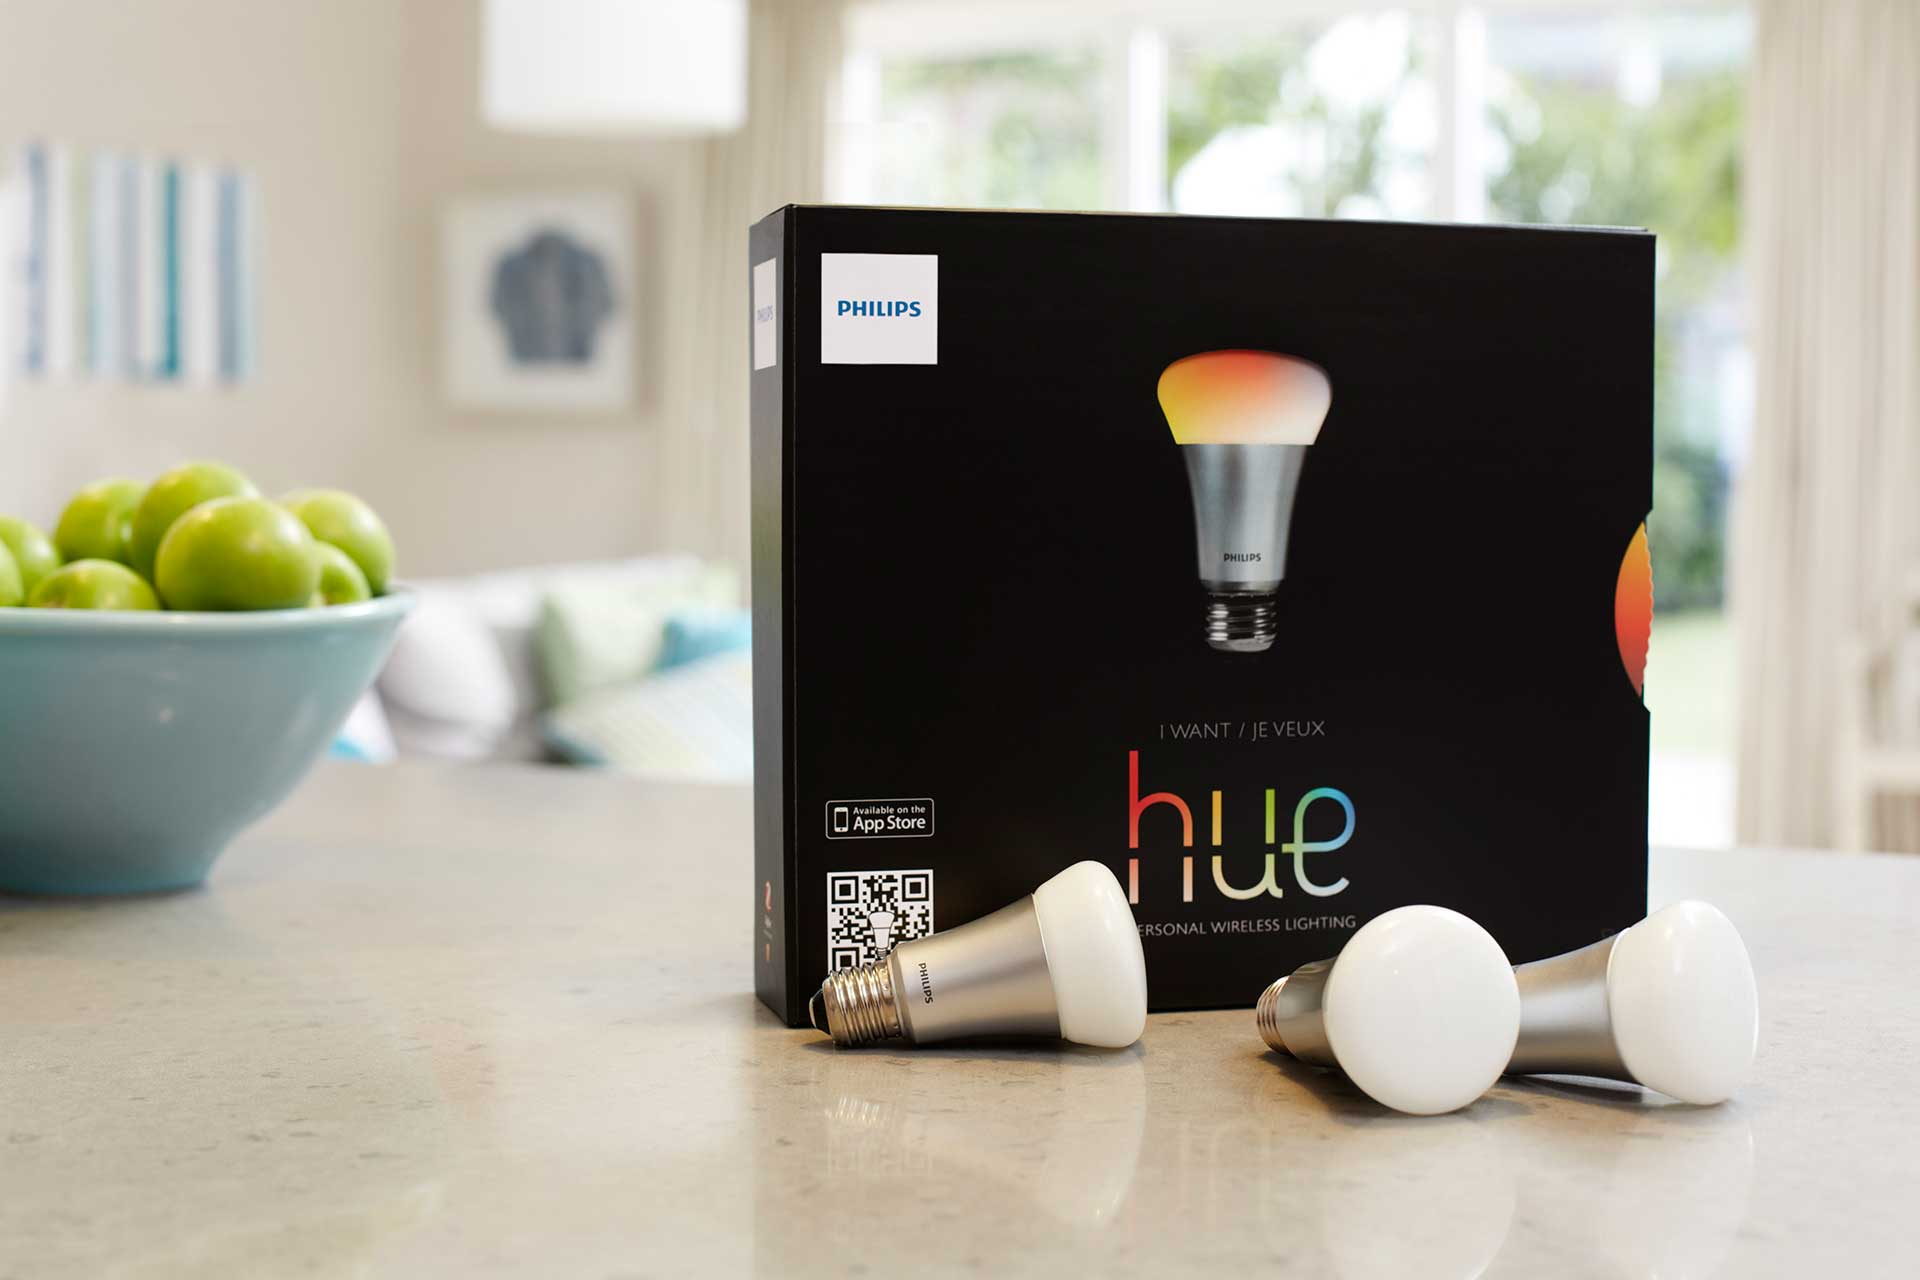 Philips Hue light bulb starter pack